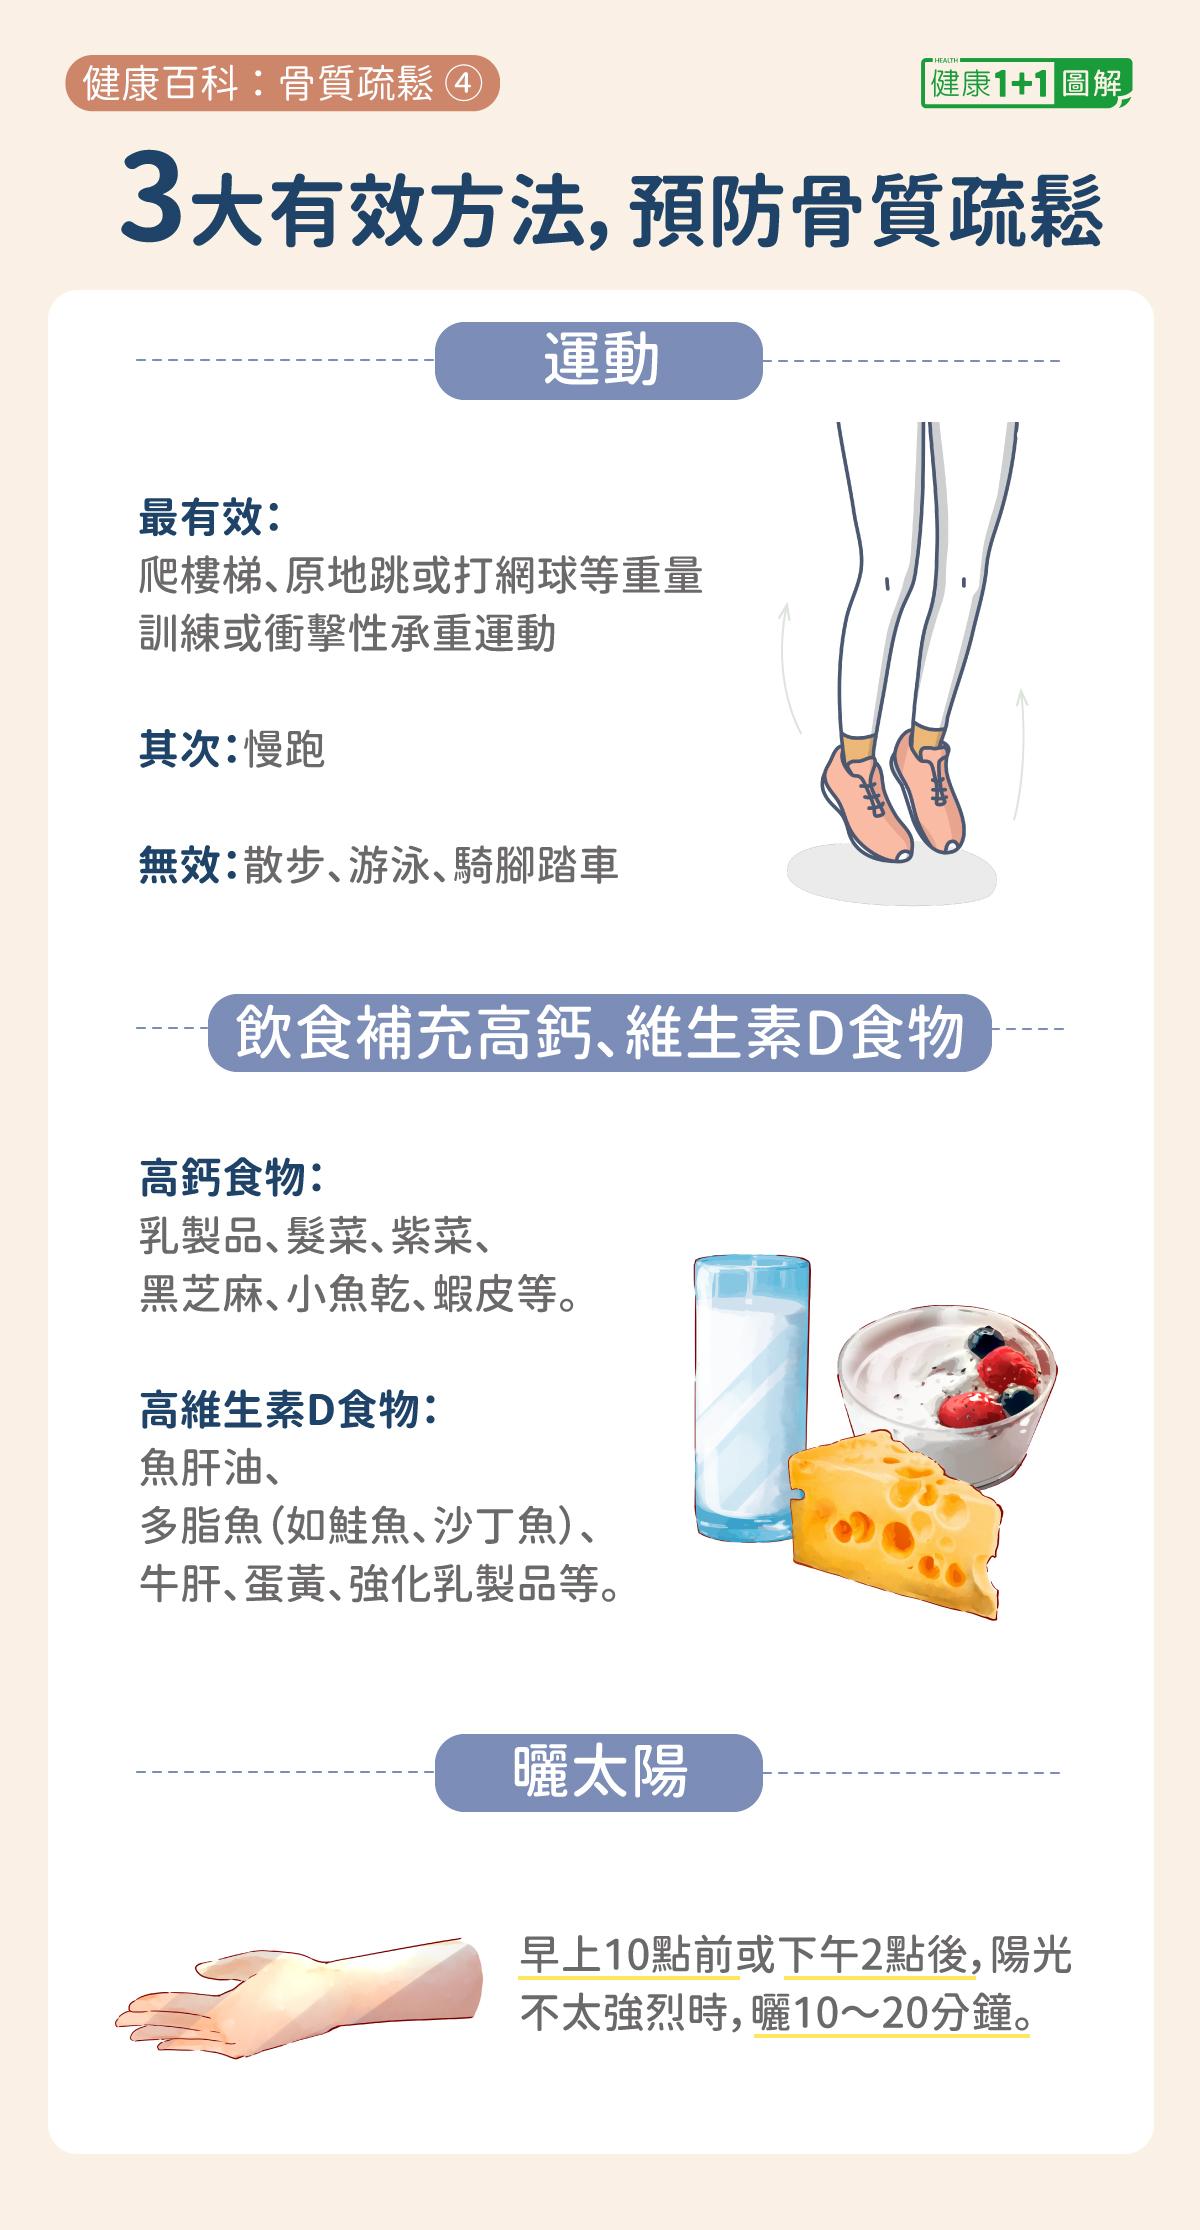 骨質疏鬆癥4大癥狀,如何預防和治療?圖解完整說明 | 骨質疏鬆治療 | 骨質疏鬆癥狀 | 骨質疏鬆檢查 | 大紀元